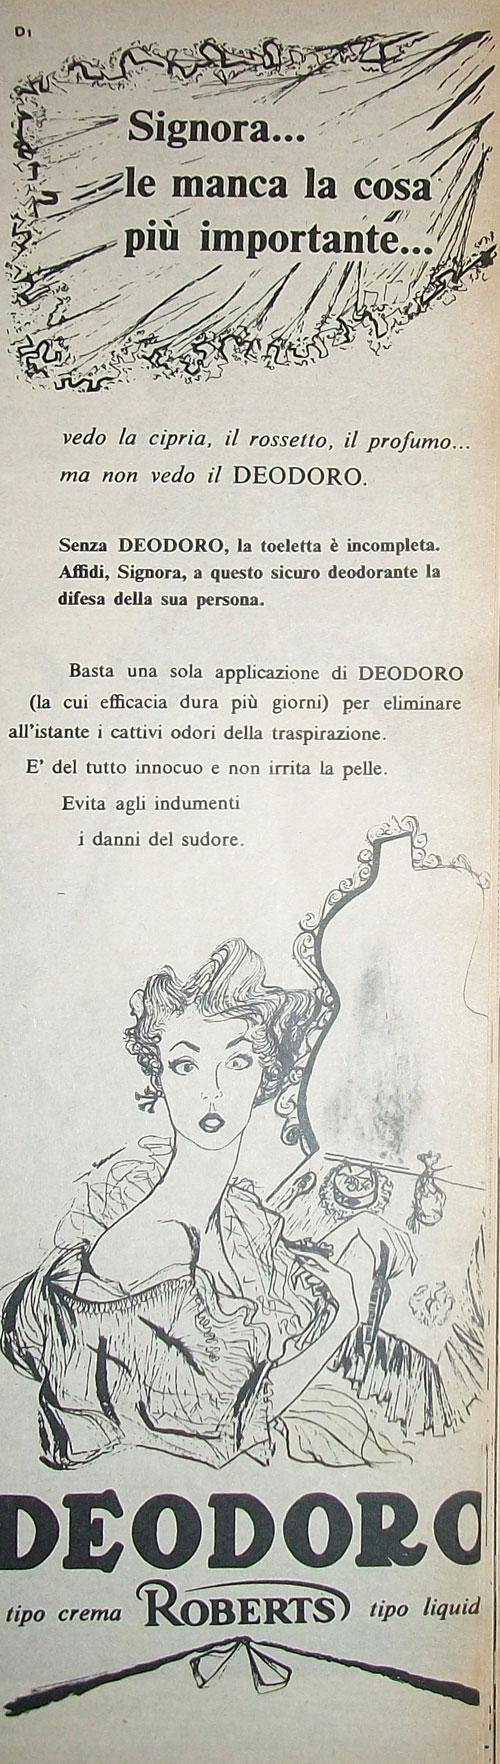 """www.piziarte.net La pubblicità negli anni 50 """"DEODORO"""" dalla rivista settimanale """"Il Tempo"""" 1954."""